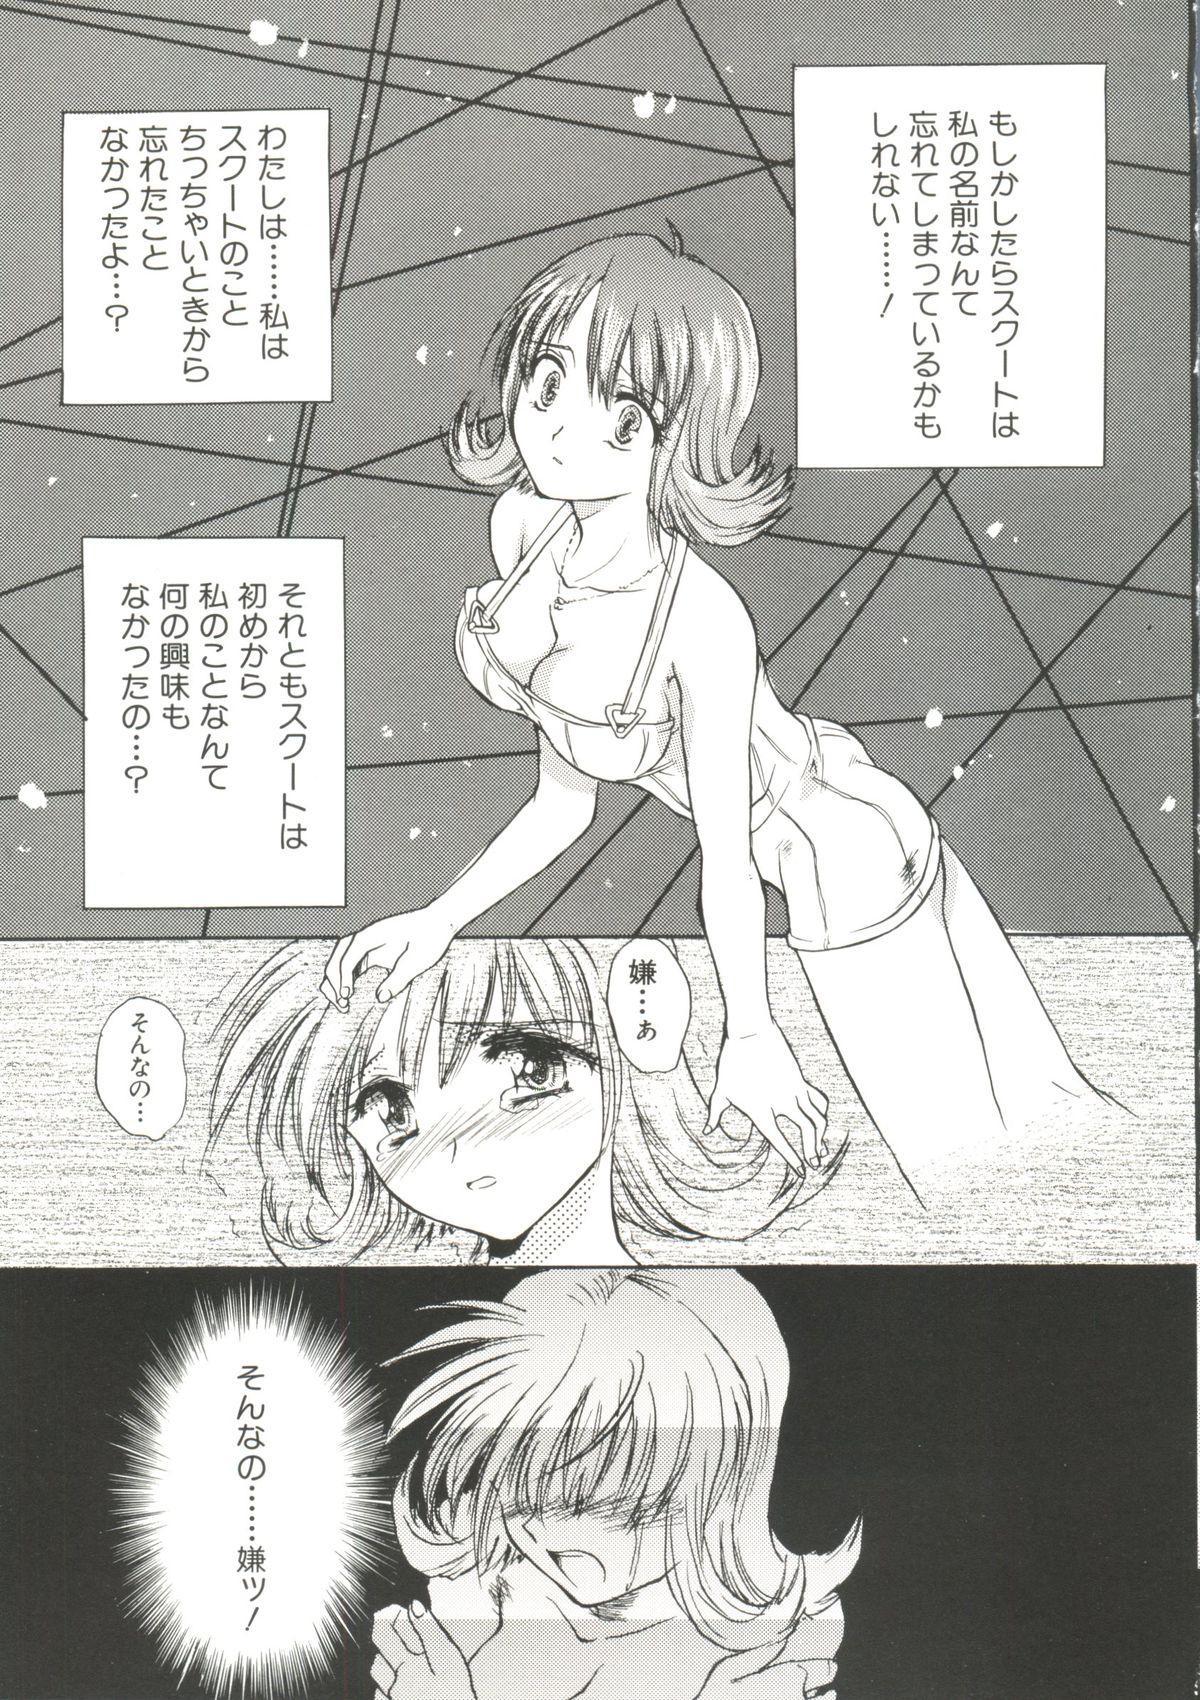 Denei Tamatebako 6 - Nishinhou no Tenshi II 52